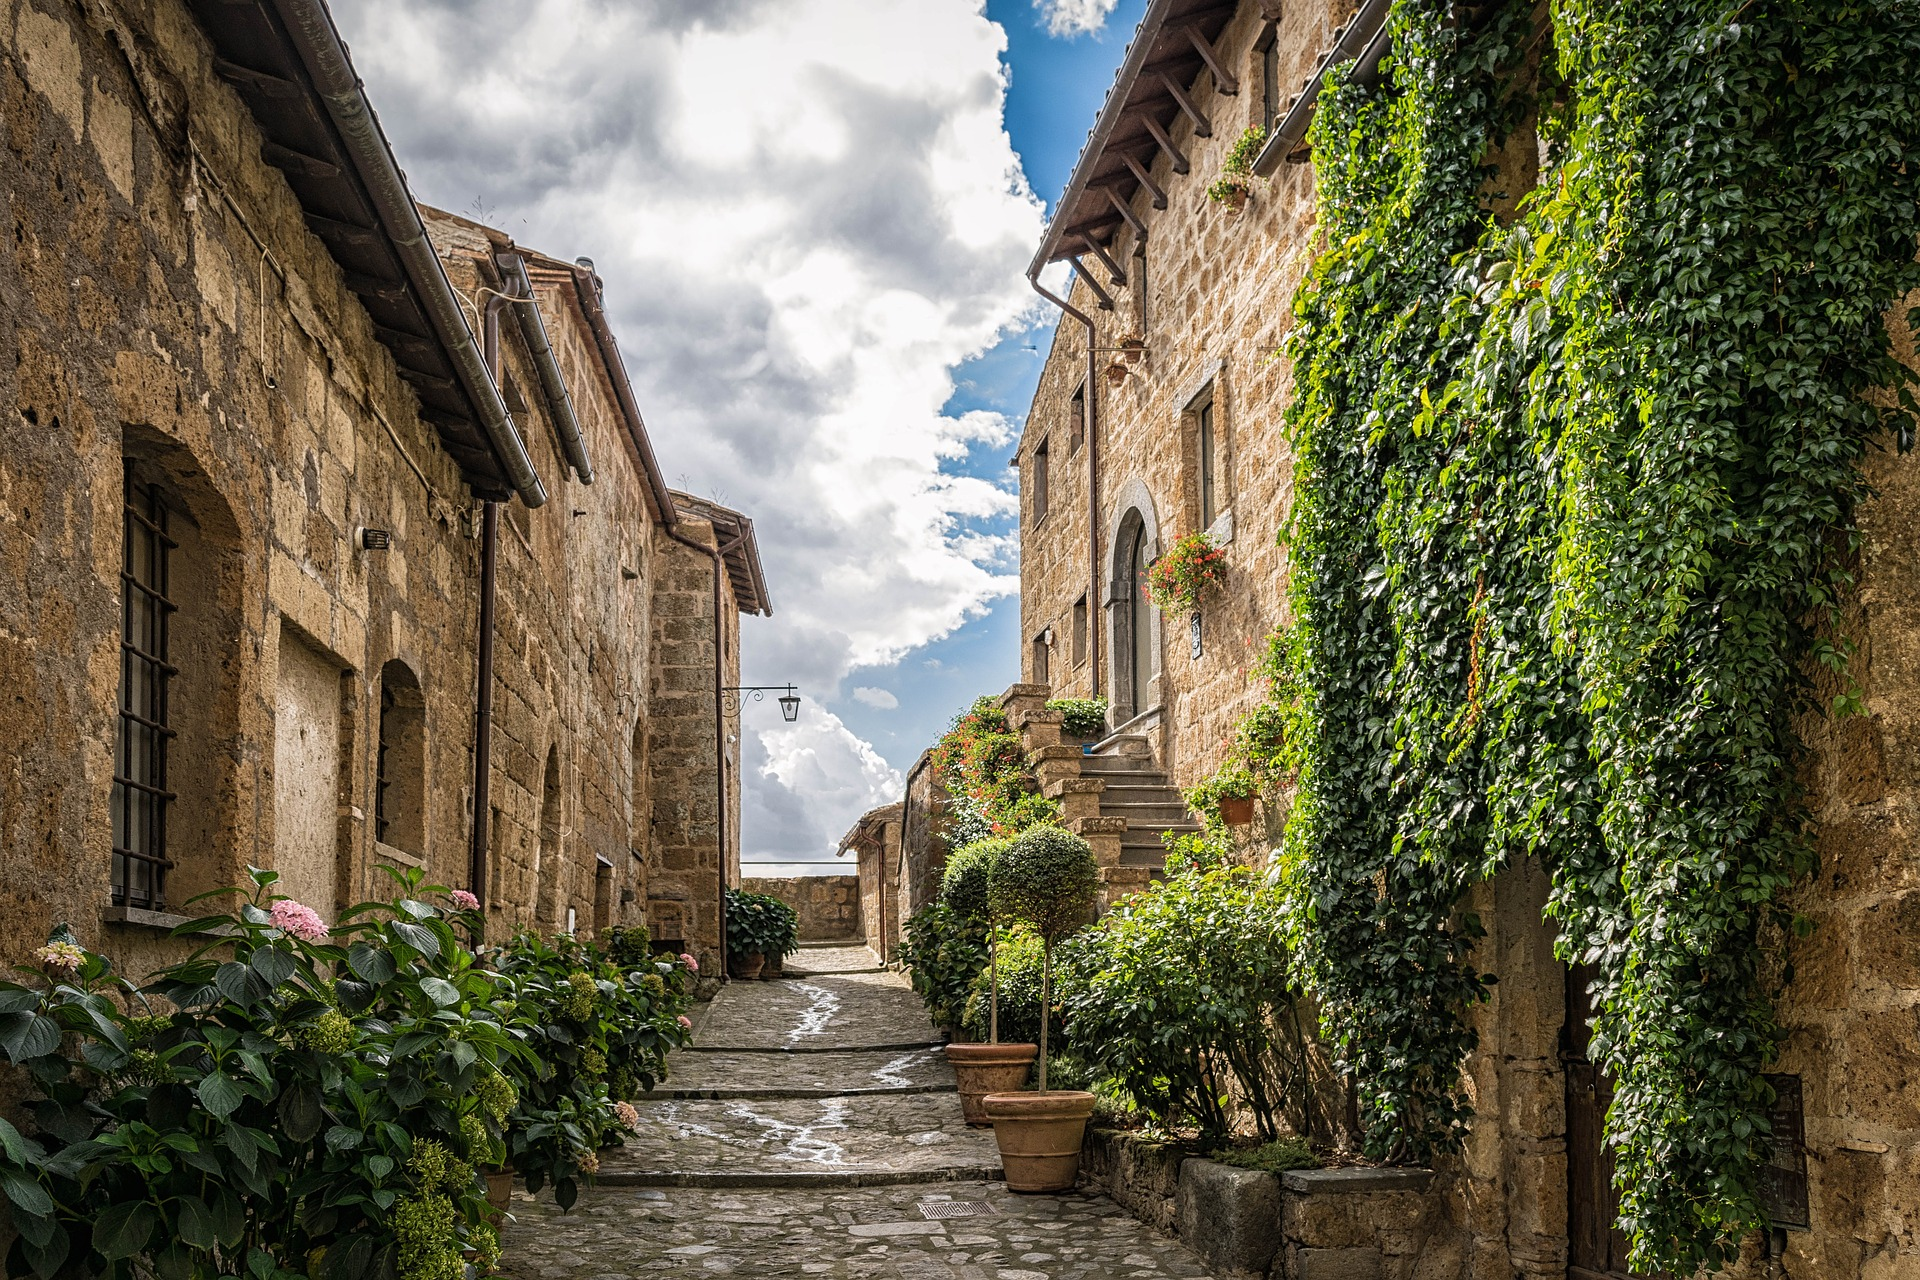 לא משנה איפה באיטליה תהיו, תוכלו להנות מתרבות ומארכיטקטורה